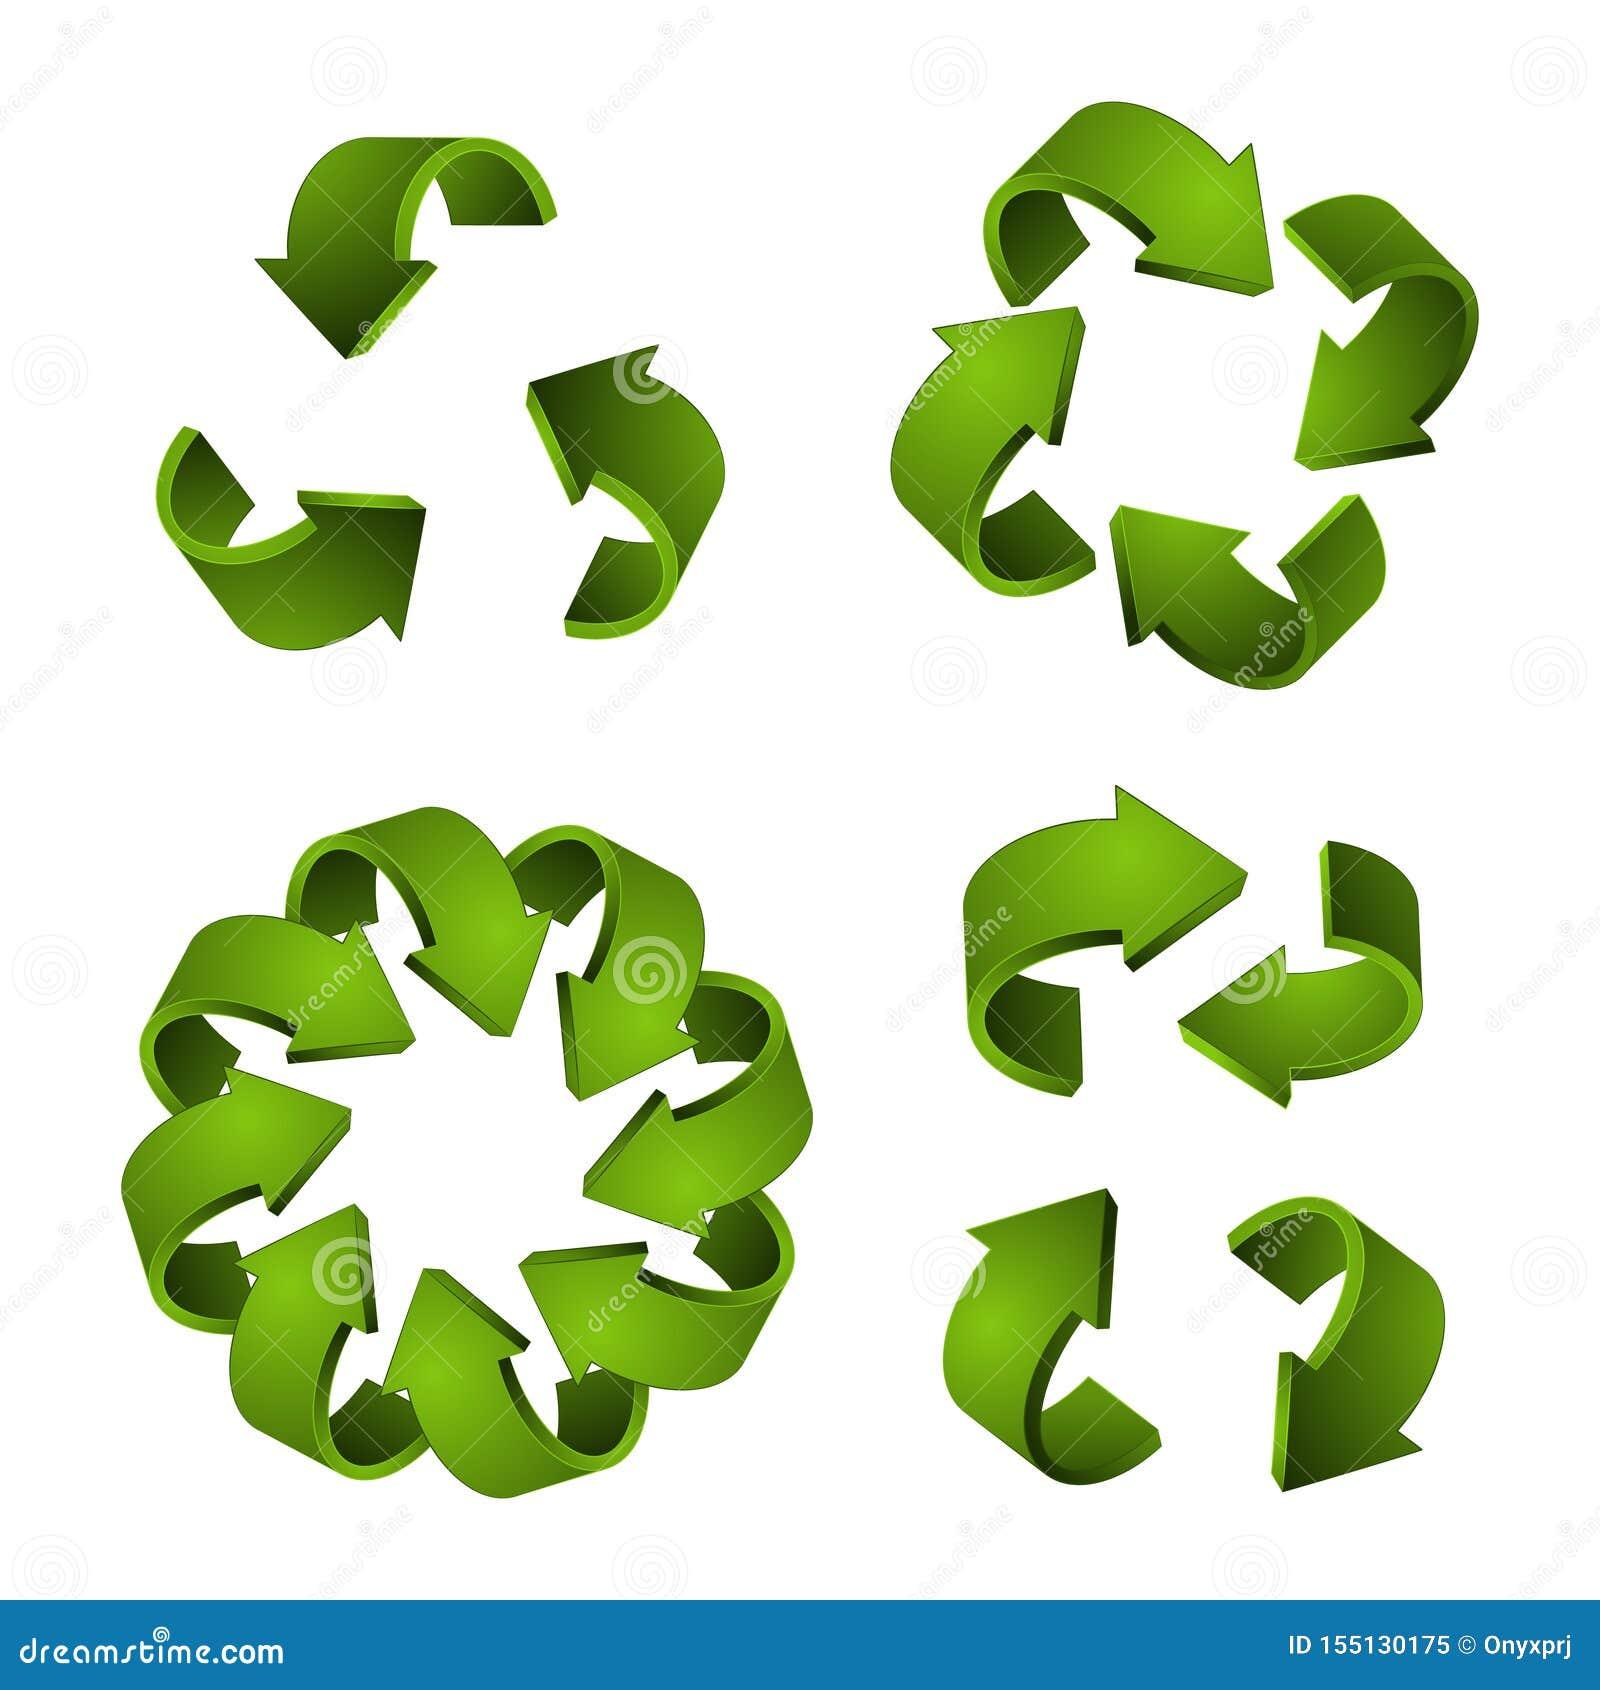 3D przetwarzają ikony Wektor zielone strzały, przetwarza symbole odizolowywających na białym tle